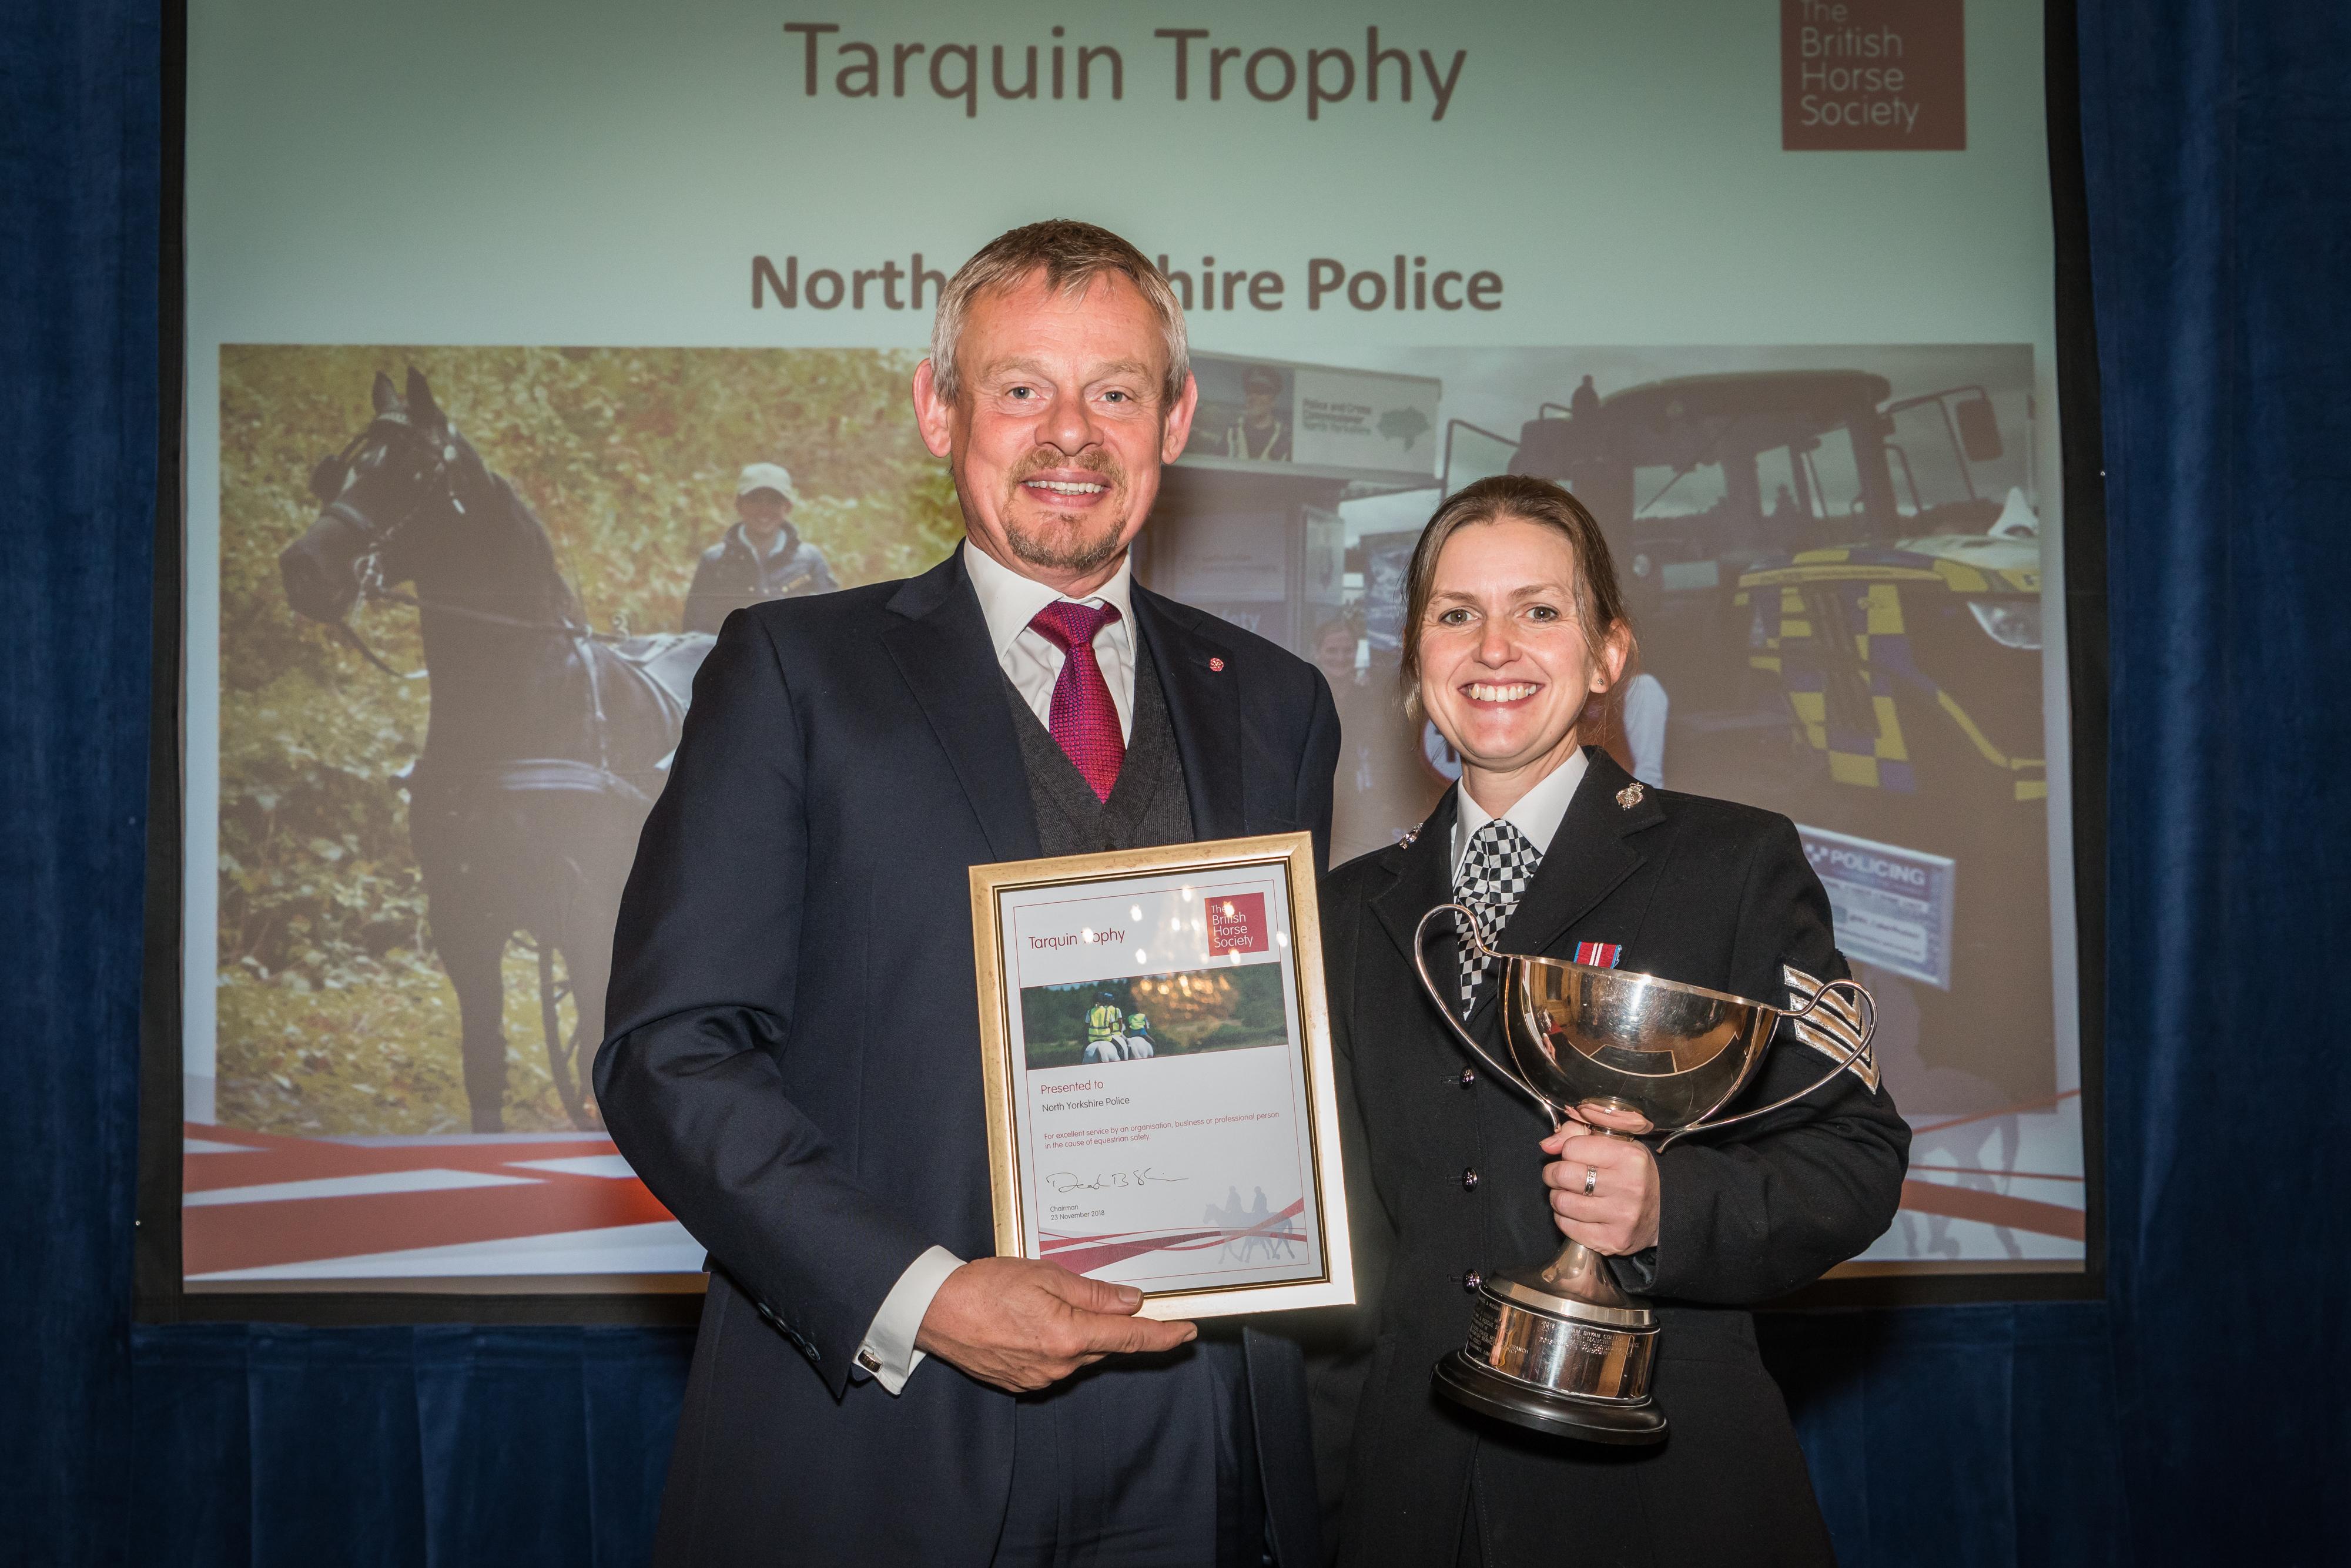 Cavaleiros excepcionais comemorados na cerimônia anual de premiação da British Horse Society 2